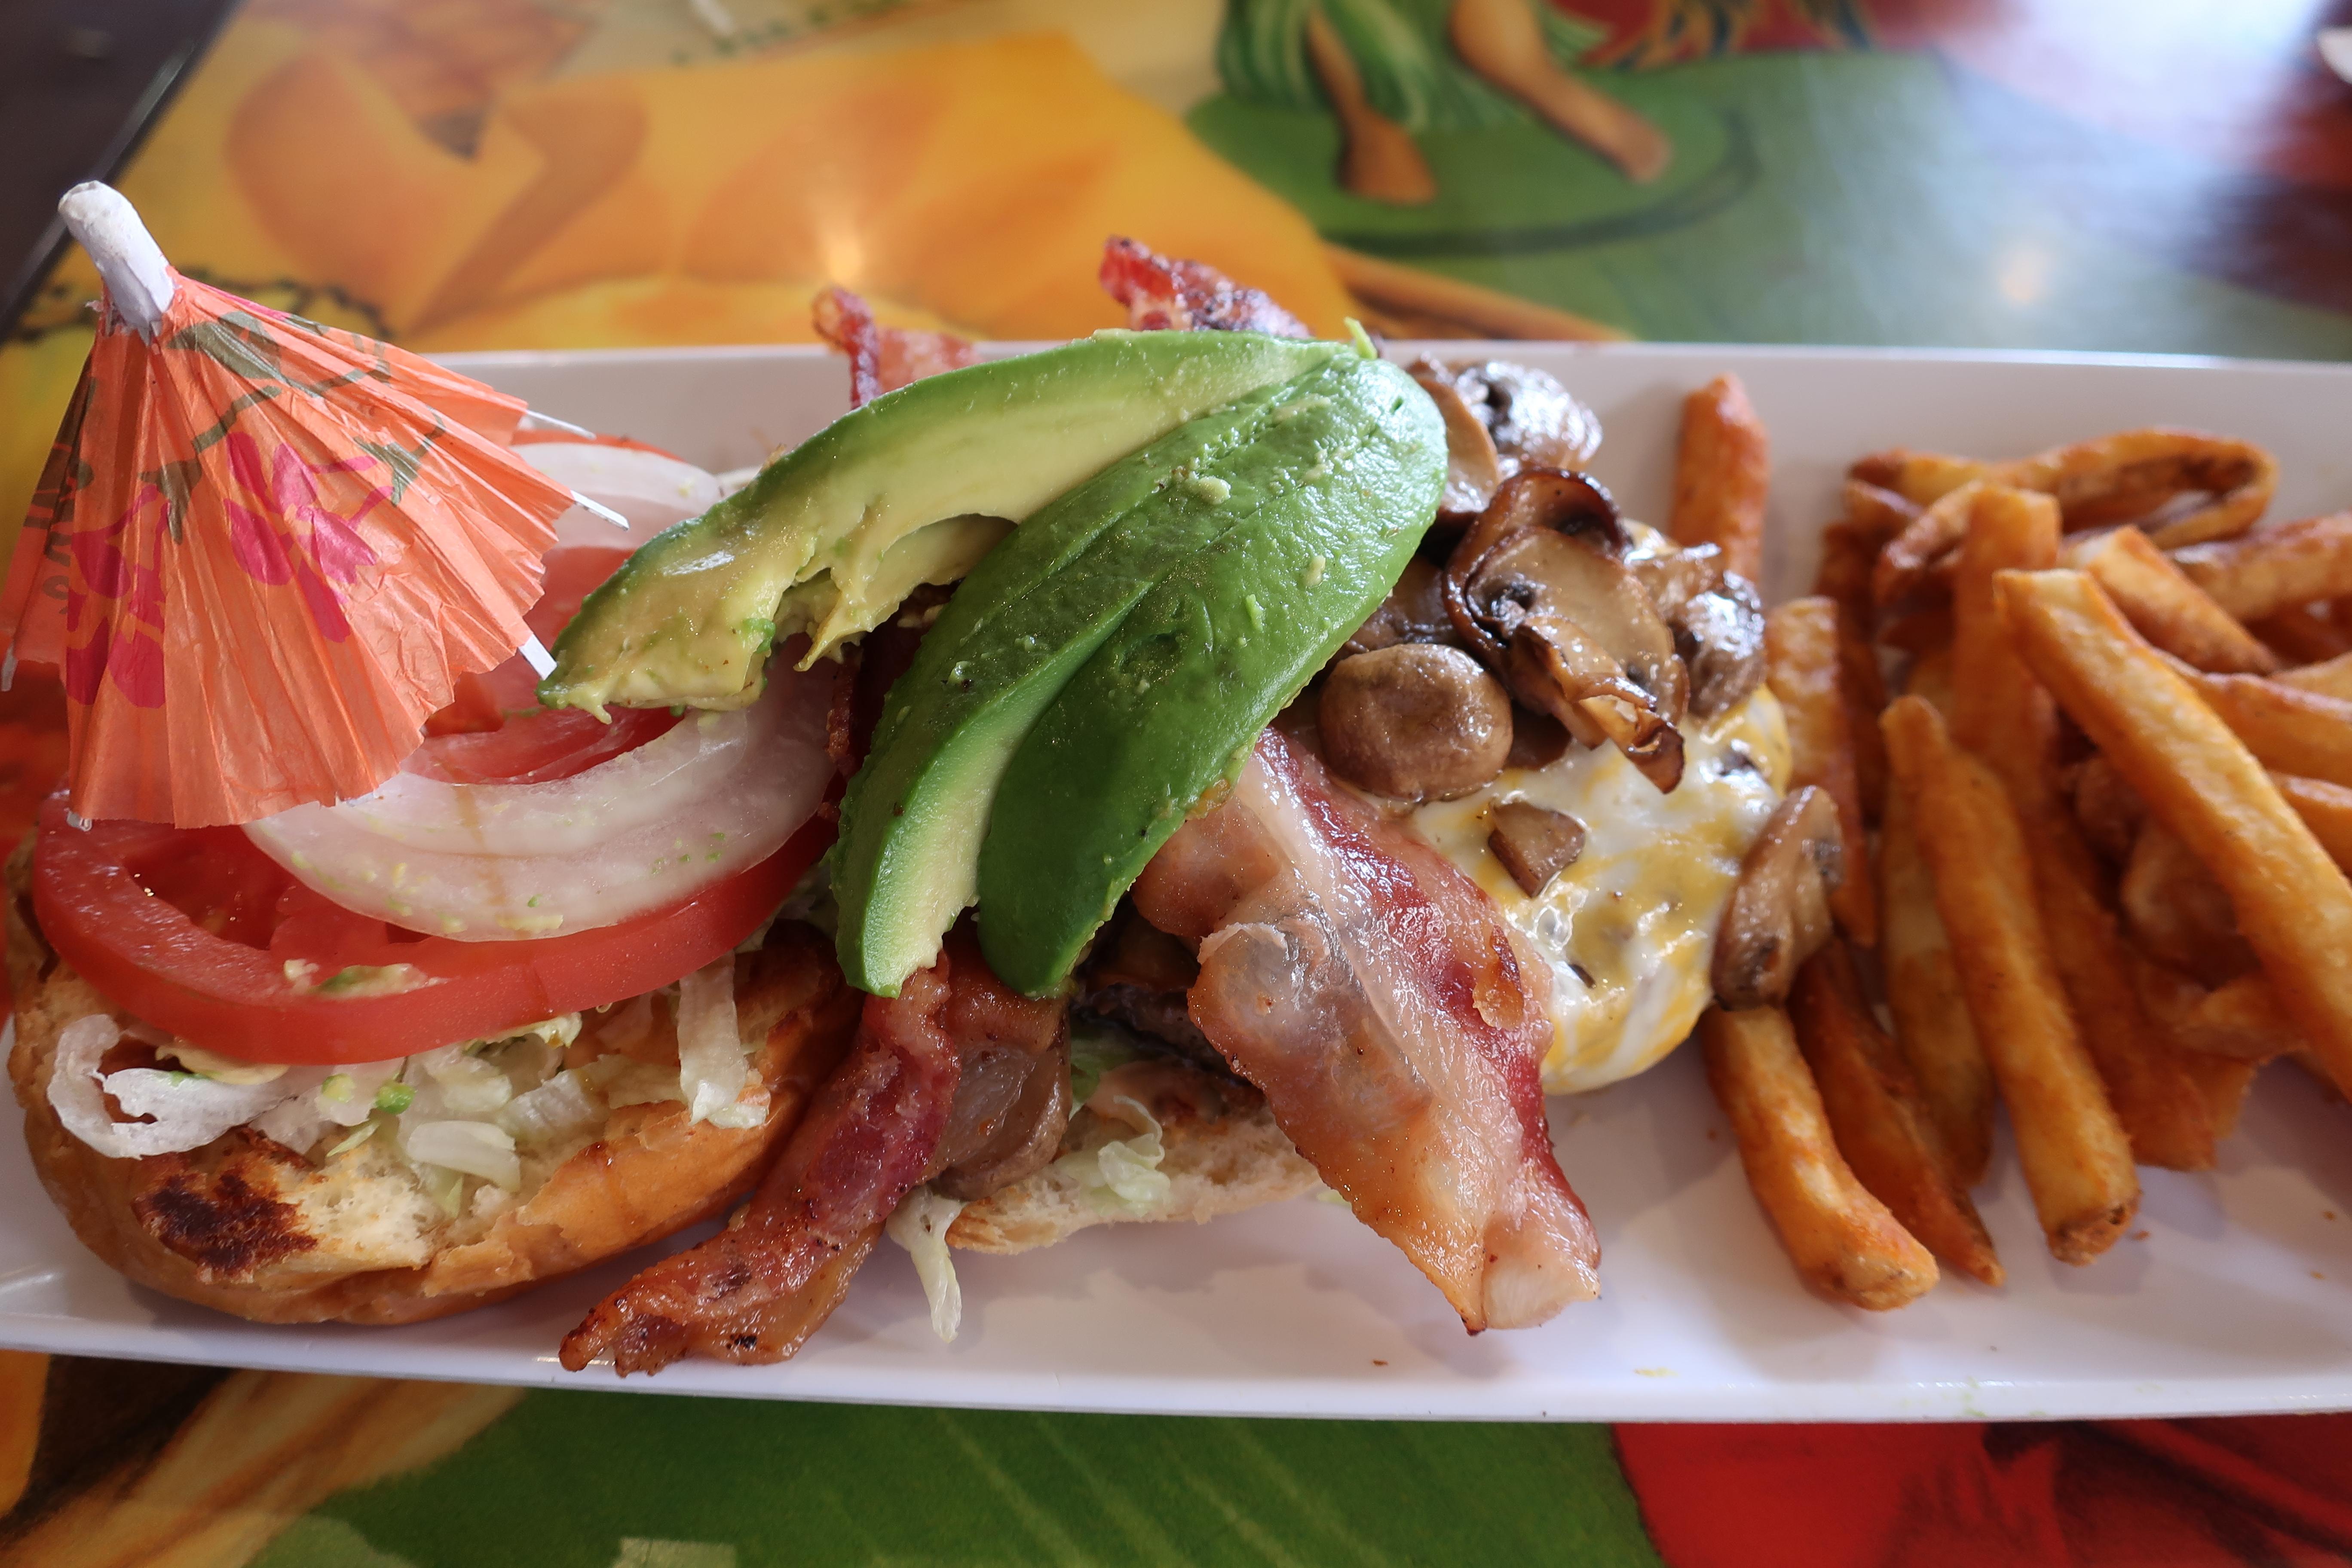 【ハワイ⑦】チーズバーガーインパラダイスで本格チーズバーガーを食べよう!(系列店舗比較&失敗から学ぶ注文方法)